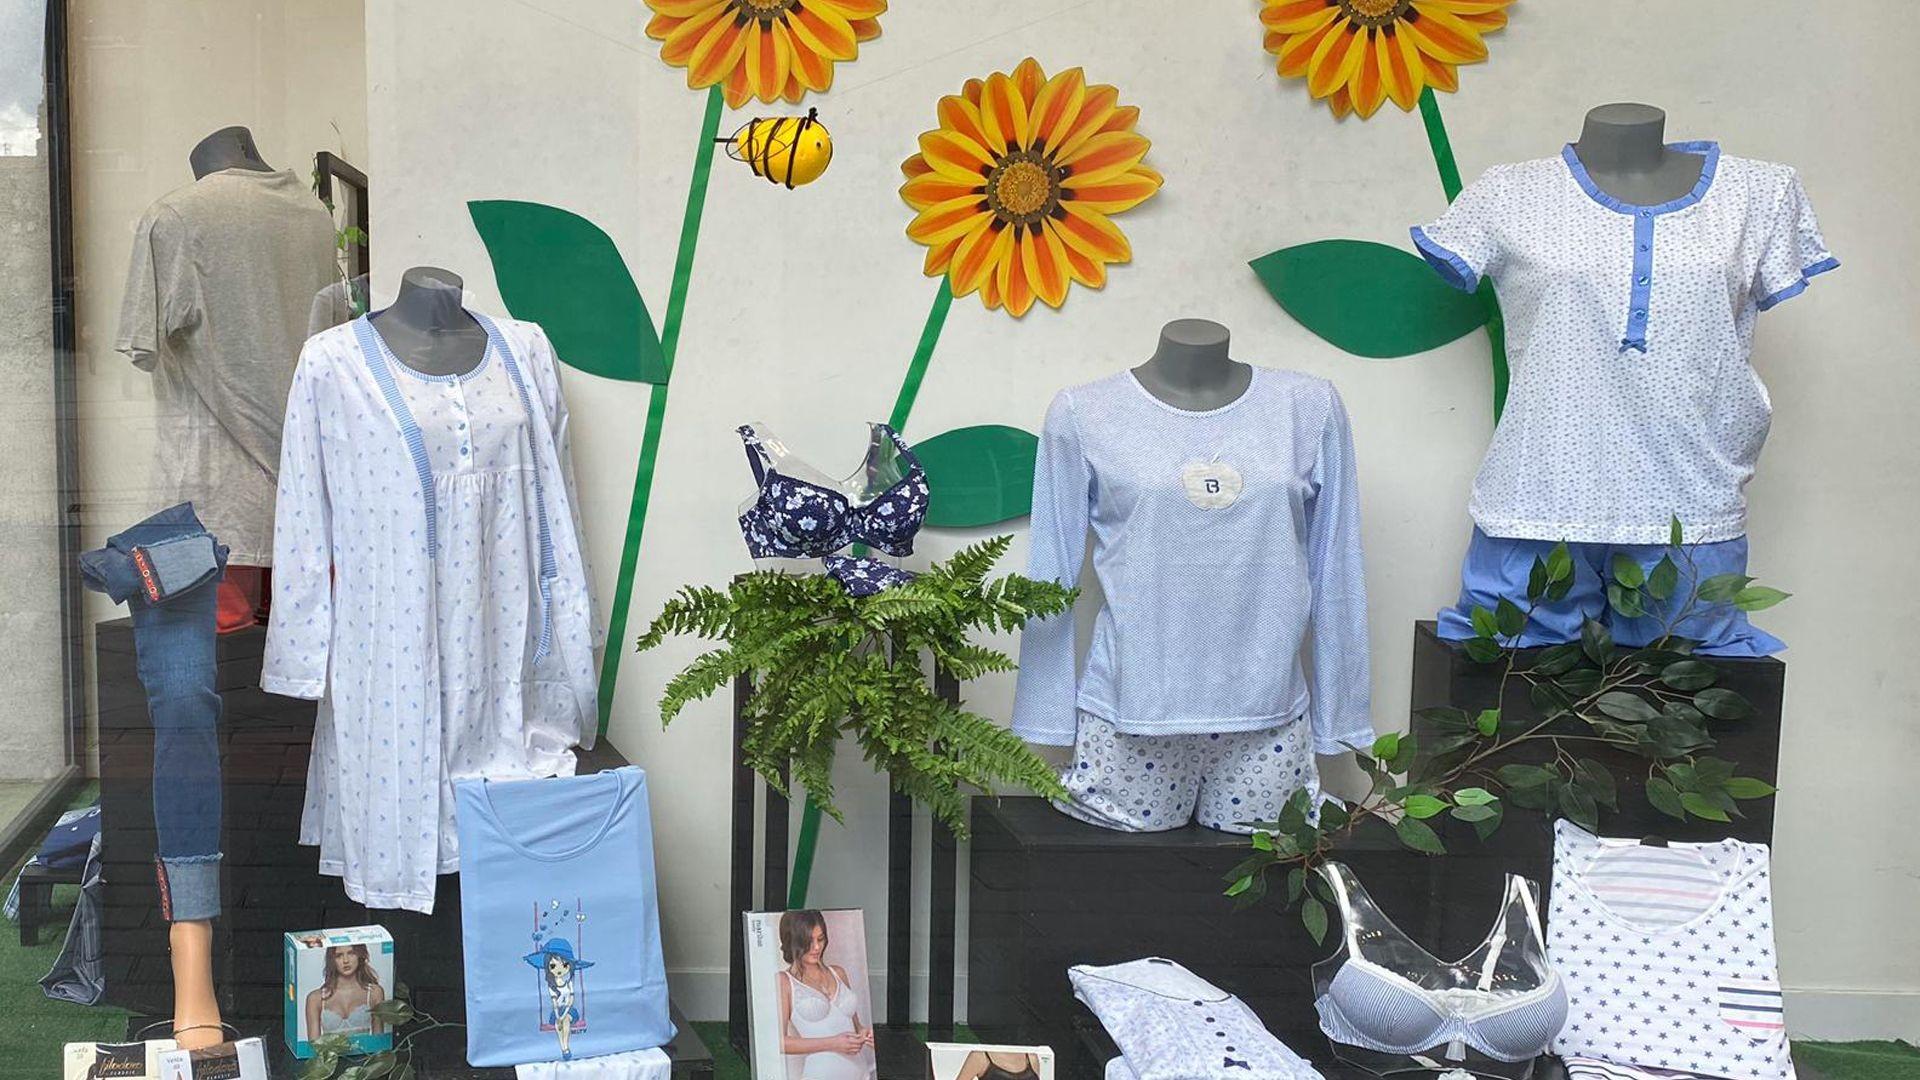 Tienda de ropa interior y pijamas en Bilbao